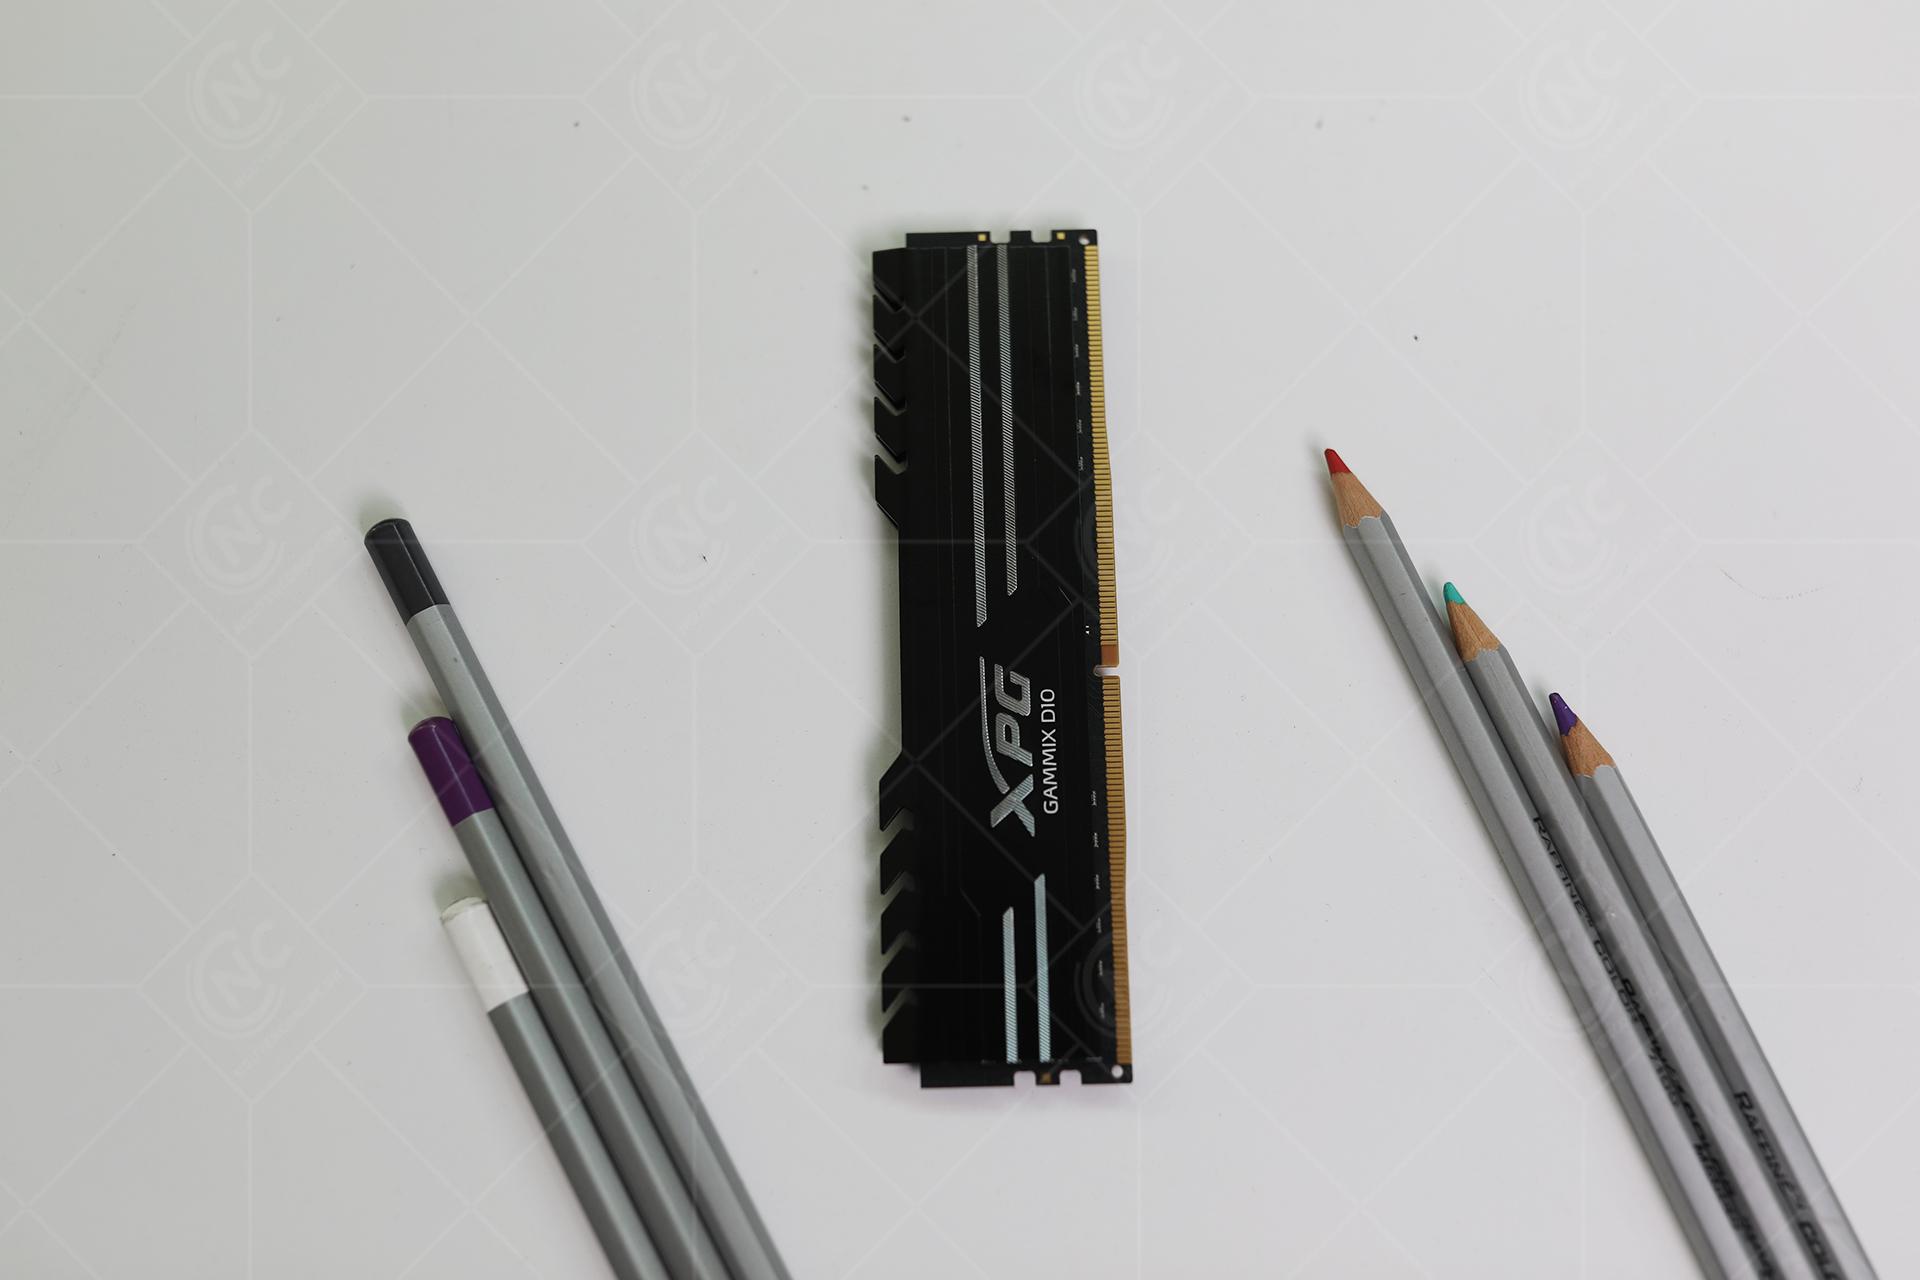 ram-adata-xpg-gammix-d10-16gb-1x16-bus-3200mhz-4